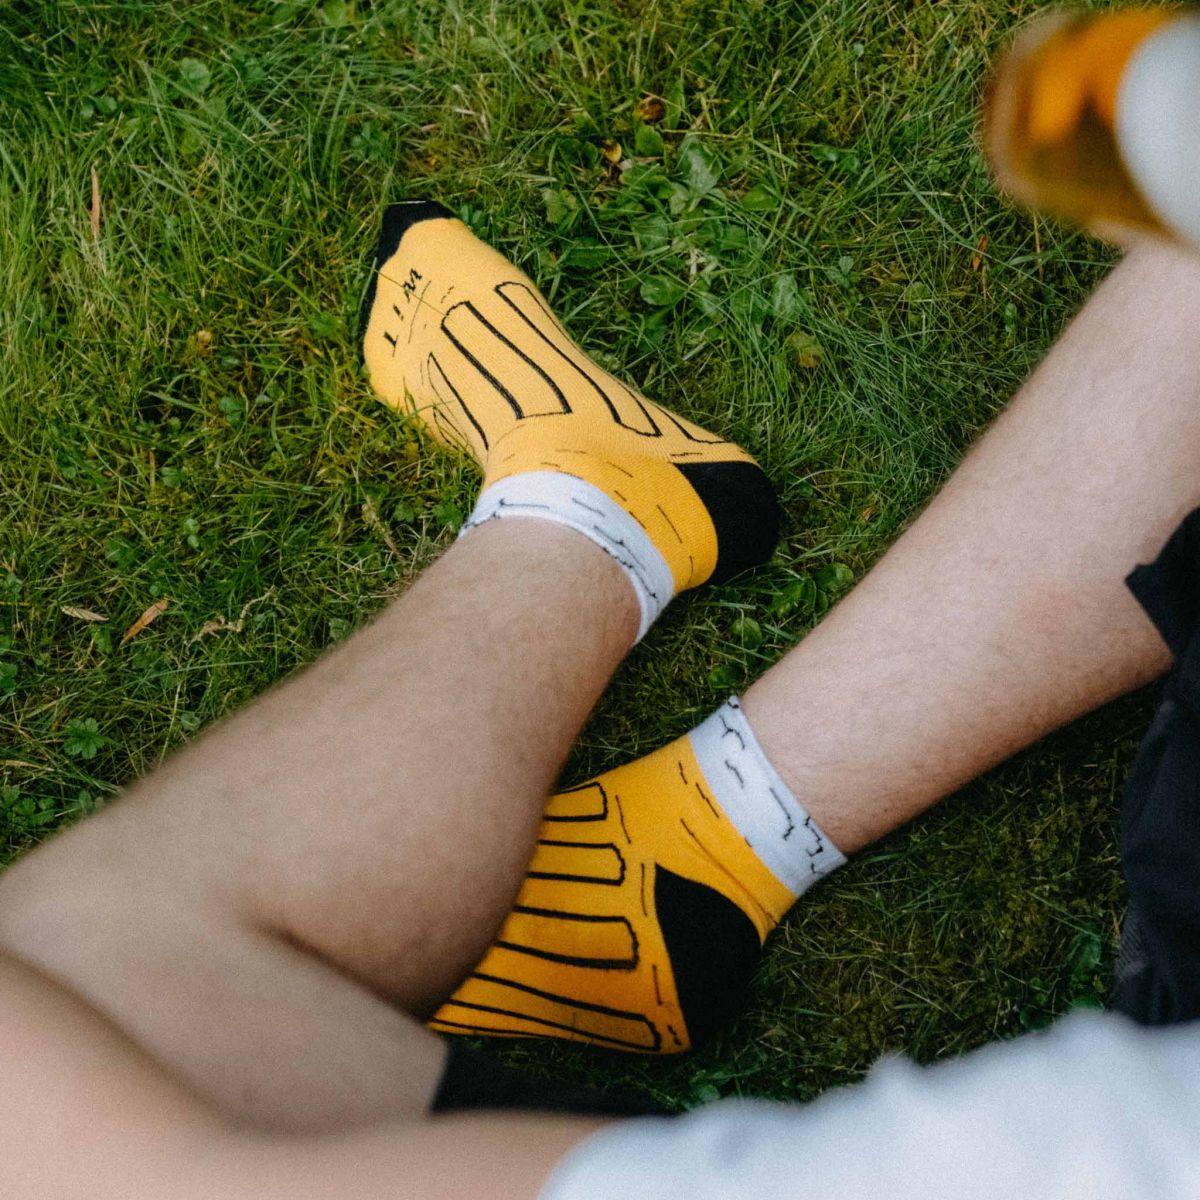 Ponožky - Pivo 14 nízké p3